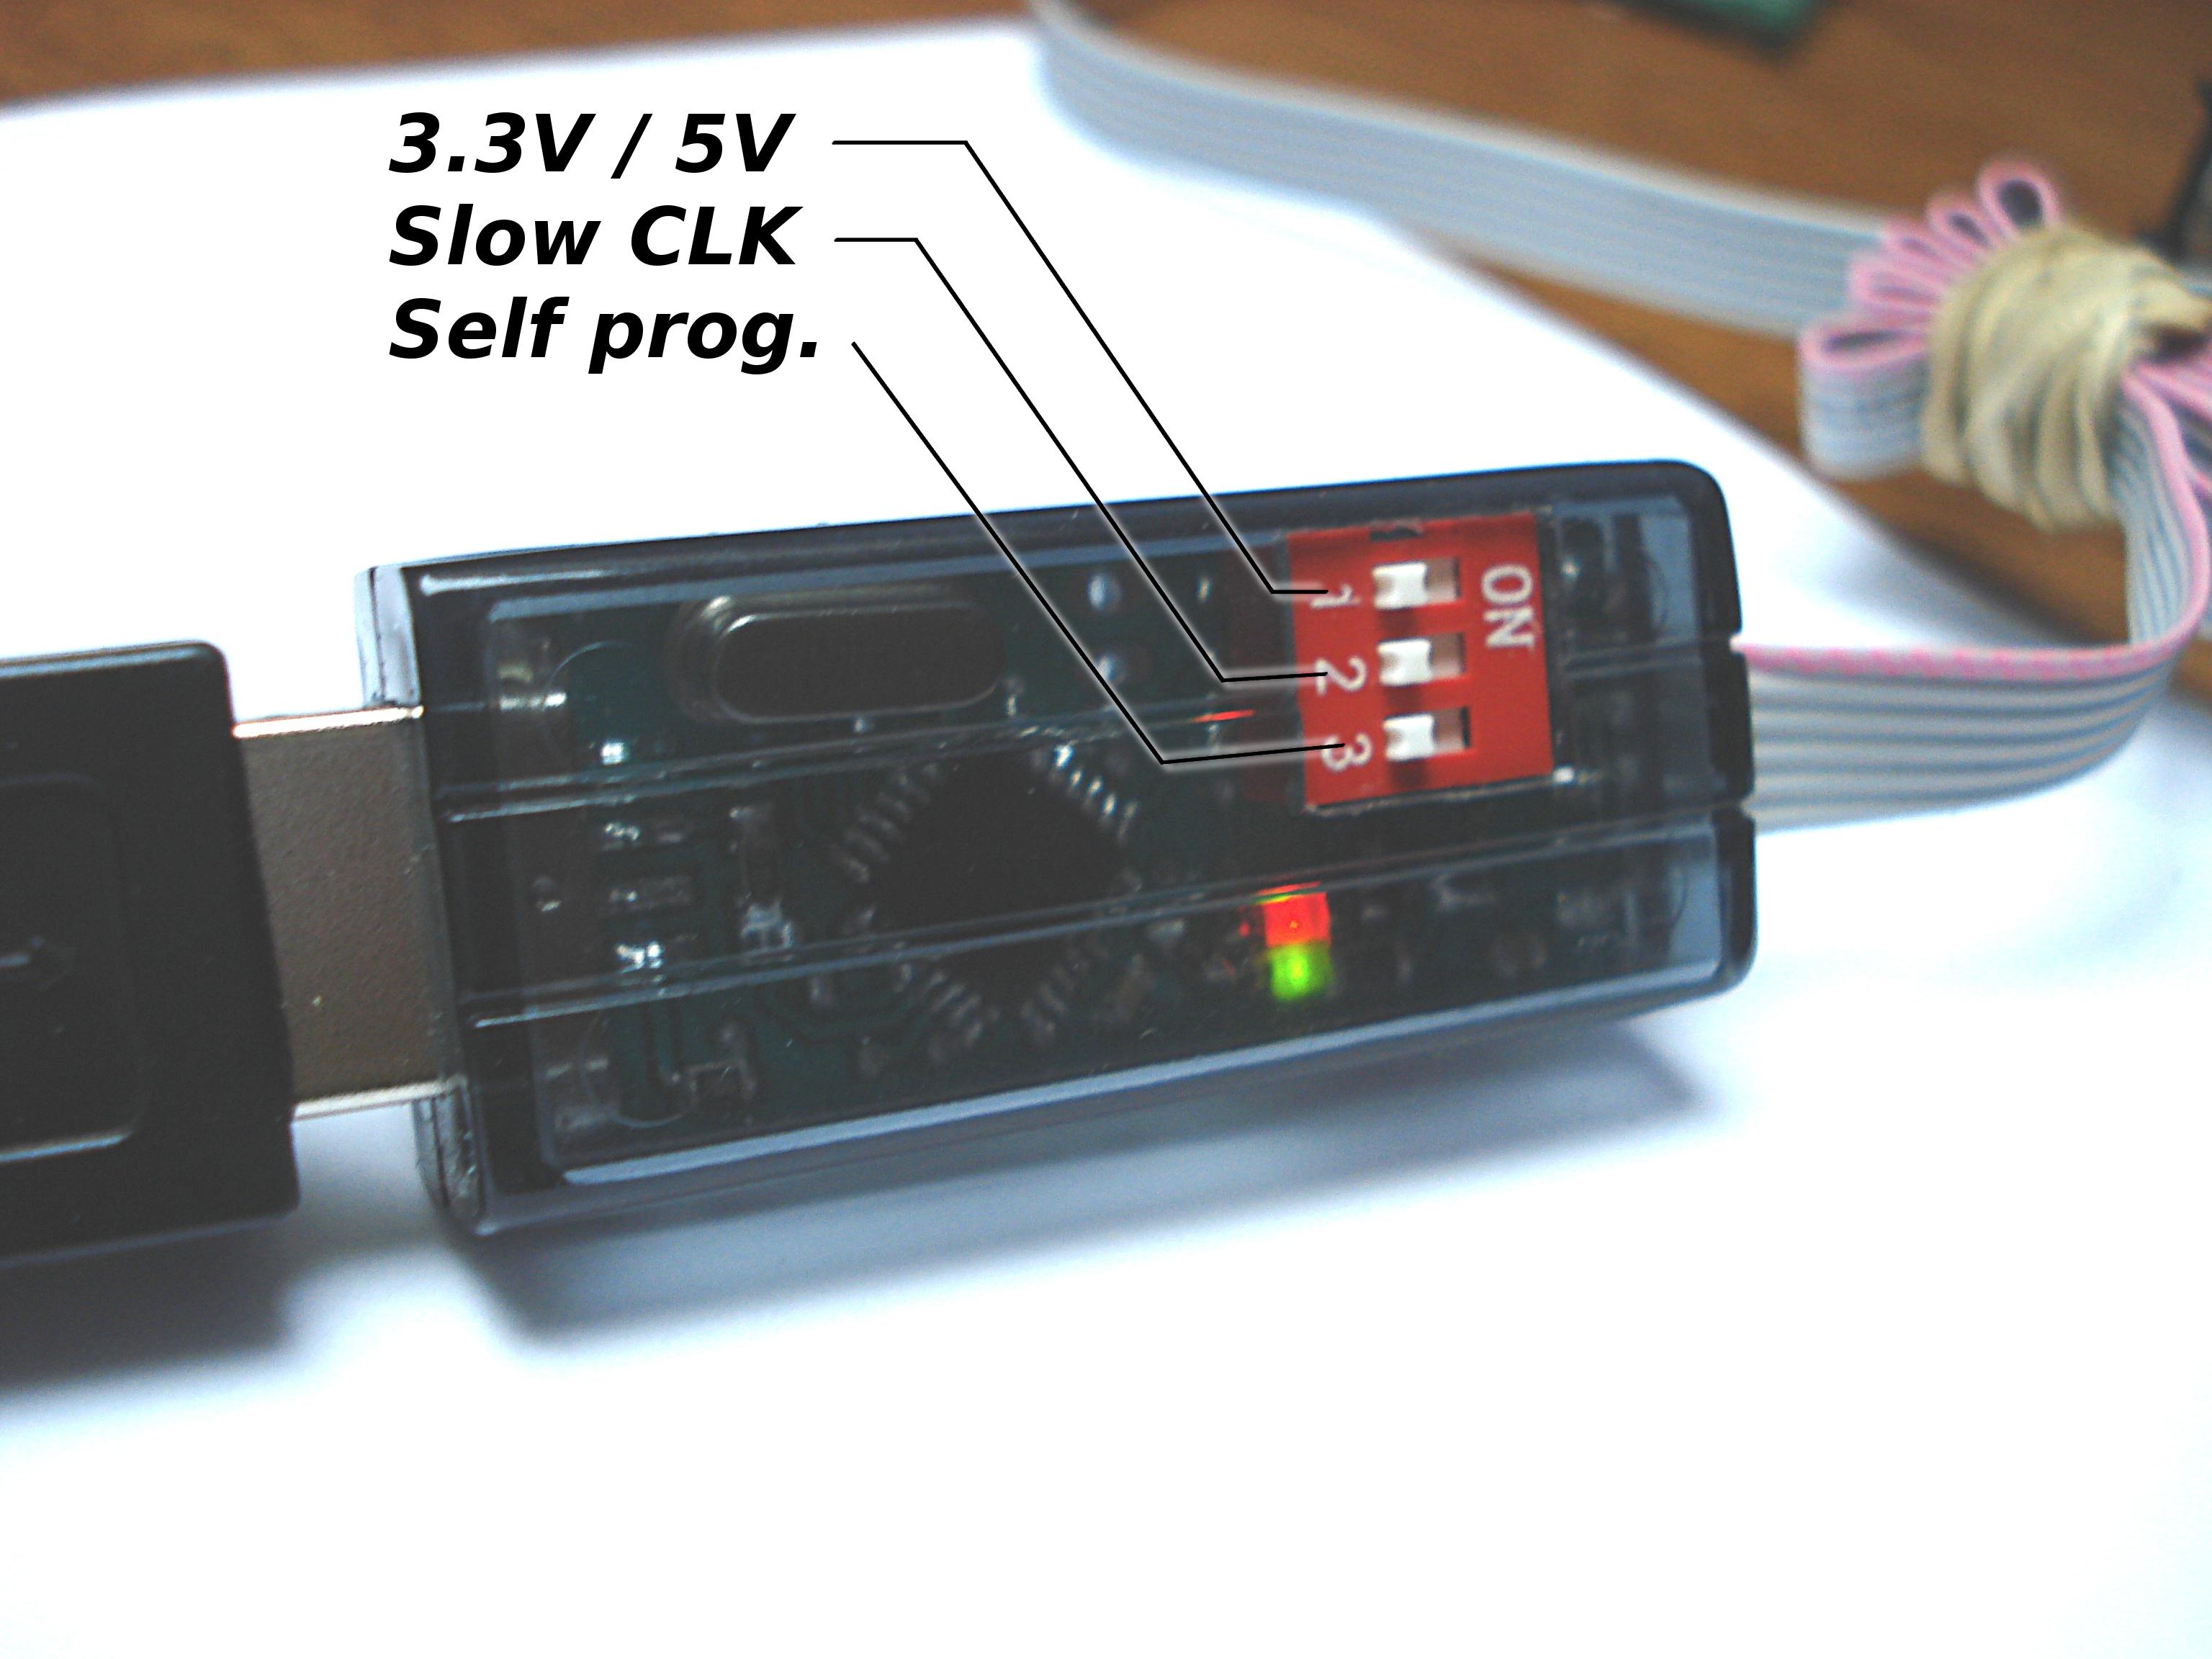 USBasp - buforowany mini programator z napi�ciami 5V/3.3V